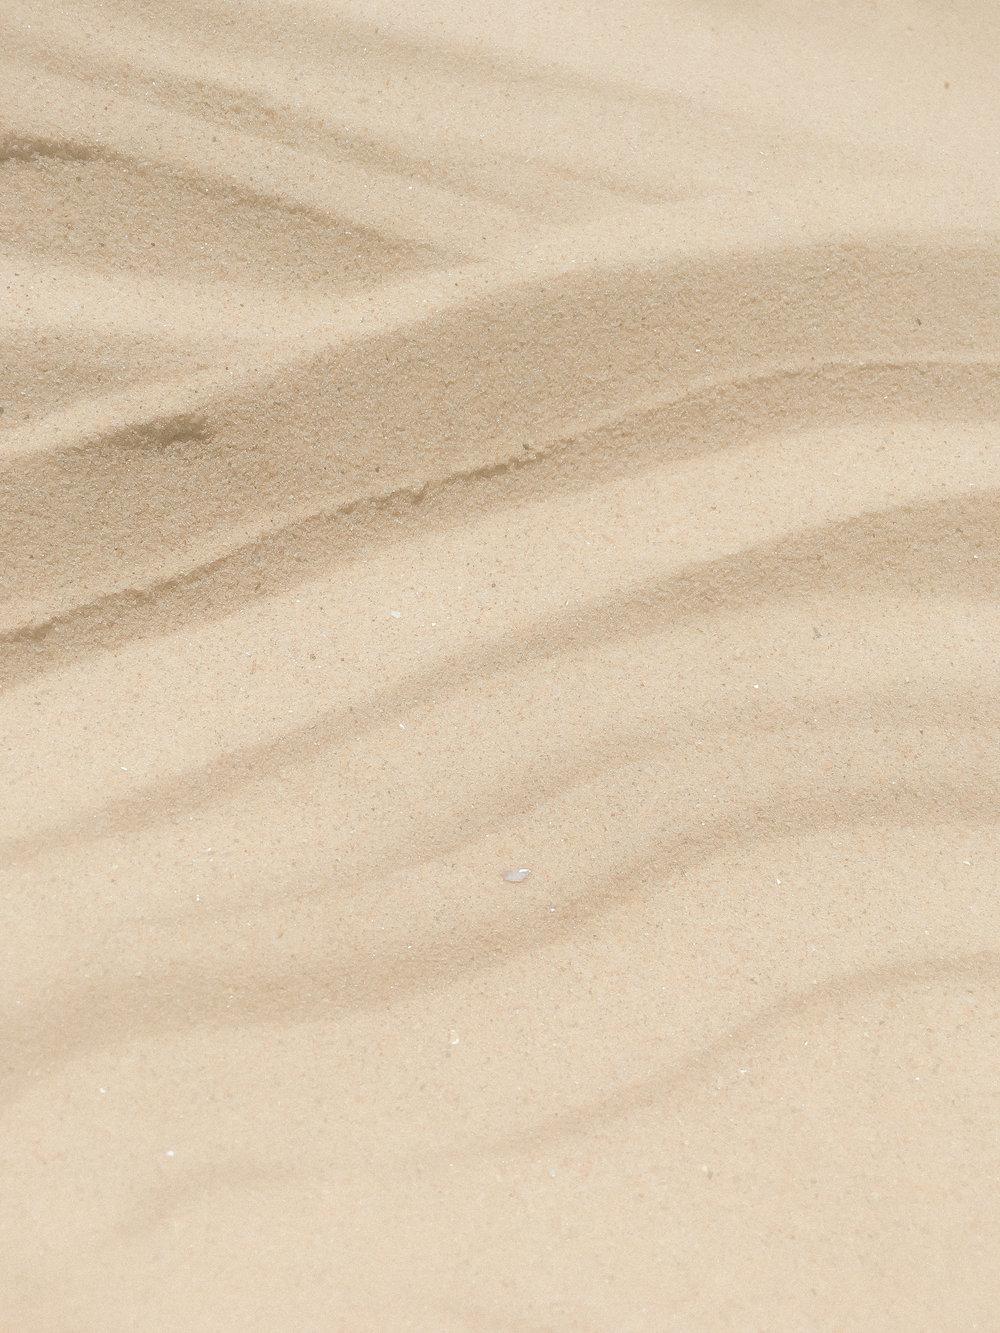 sand-texture-loolaadesigns.jpg